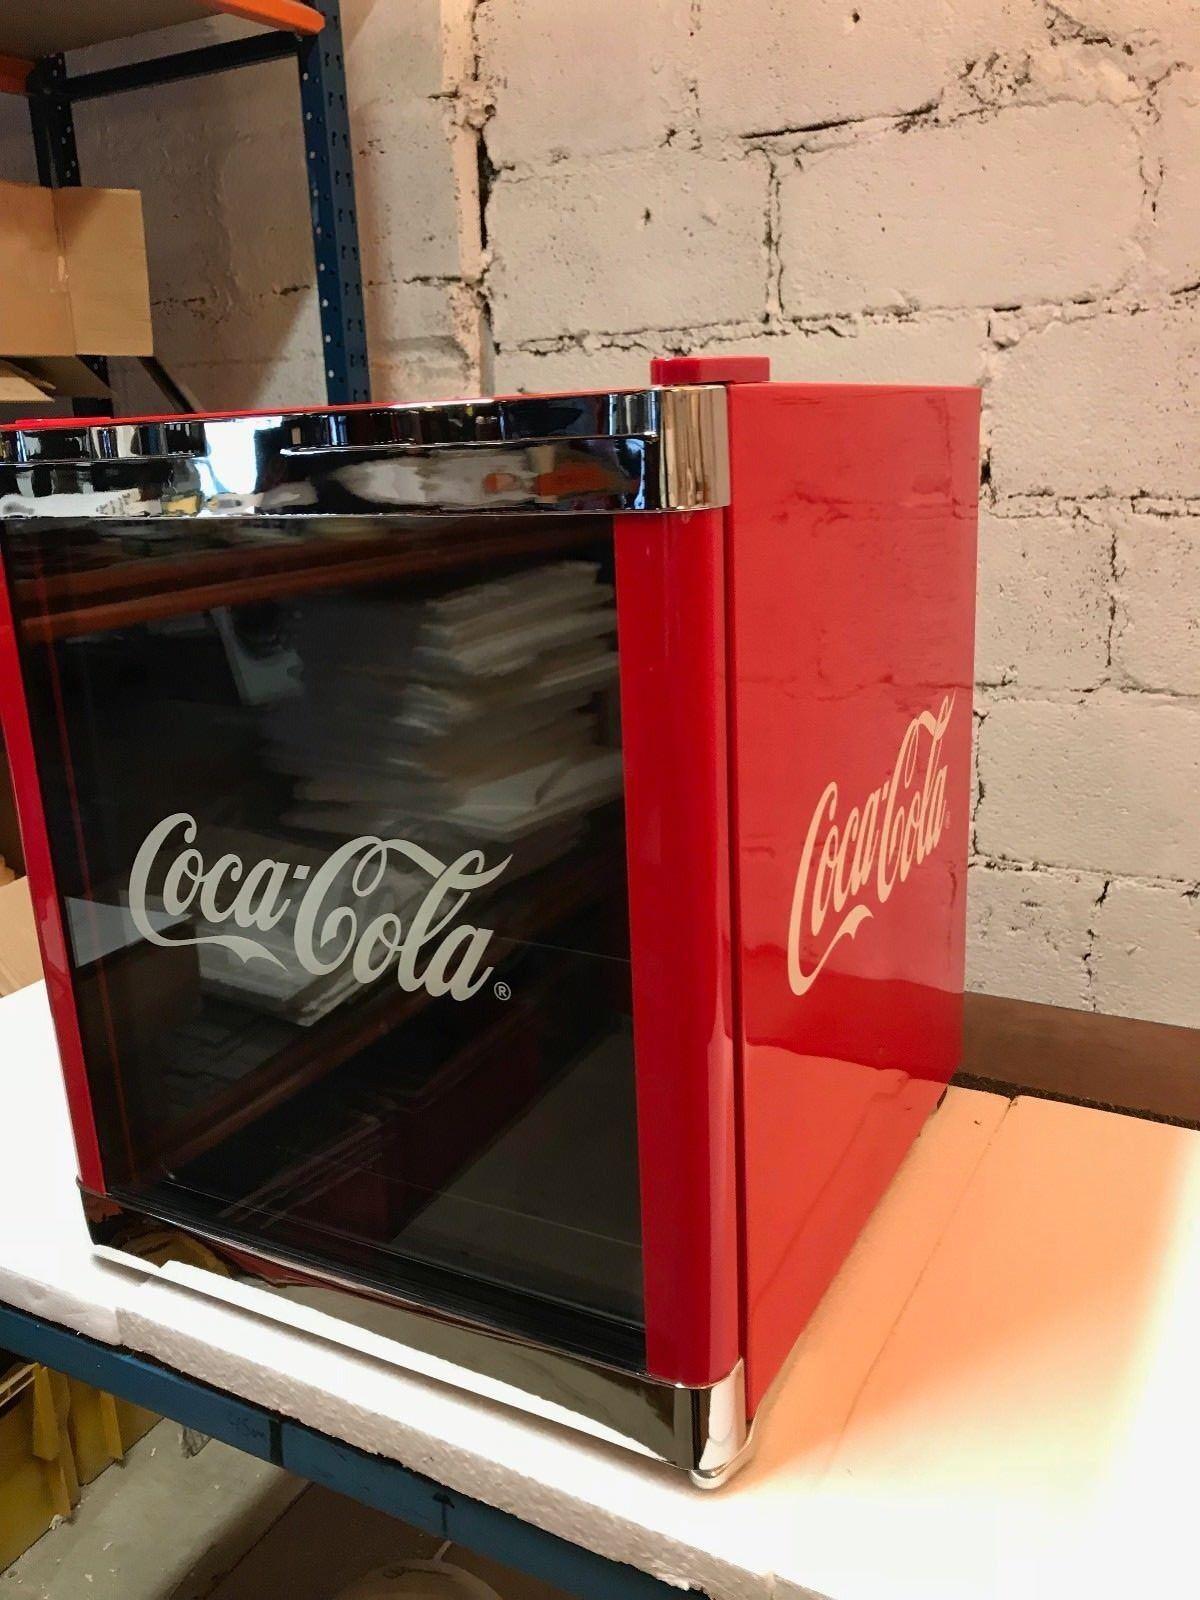 Großartig Afri Cola Kühlschrank Bilder - Das Beste Architekturbild ...